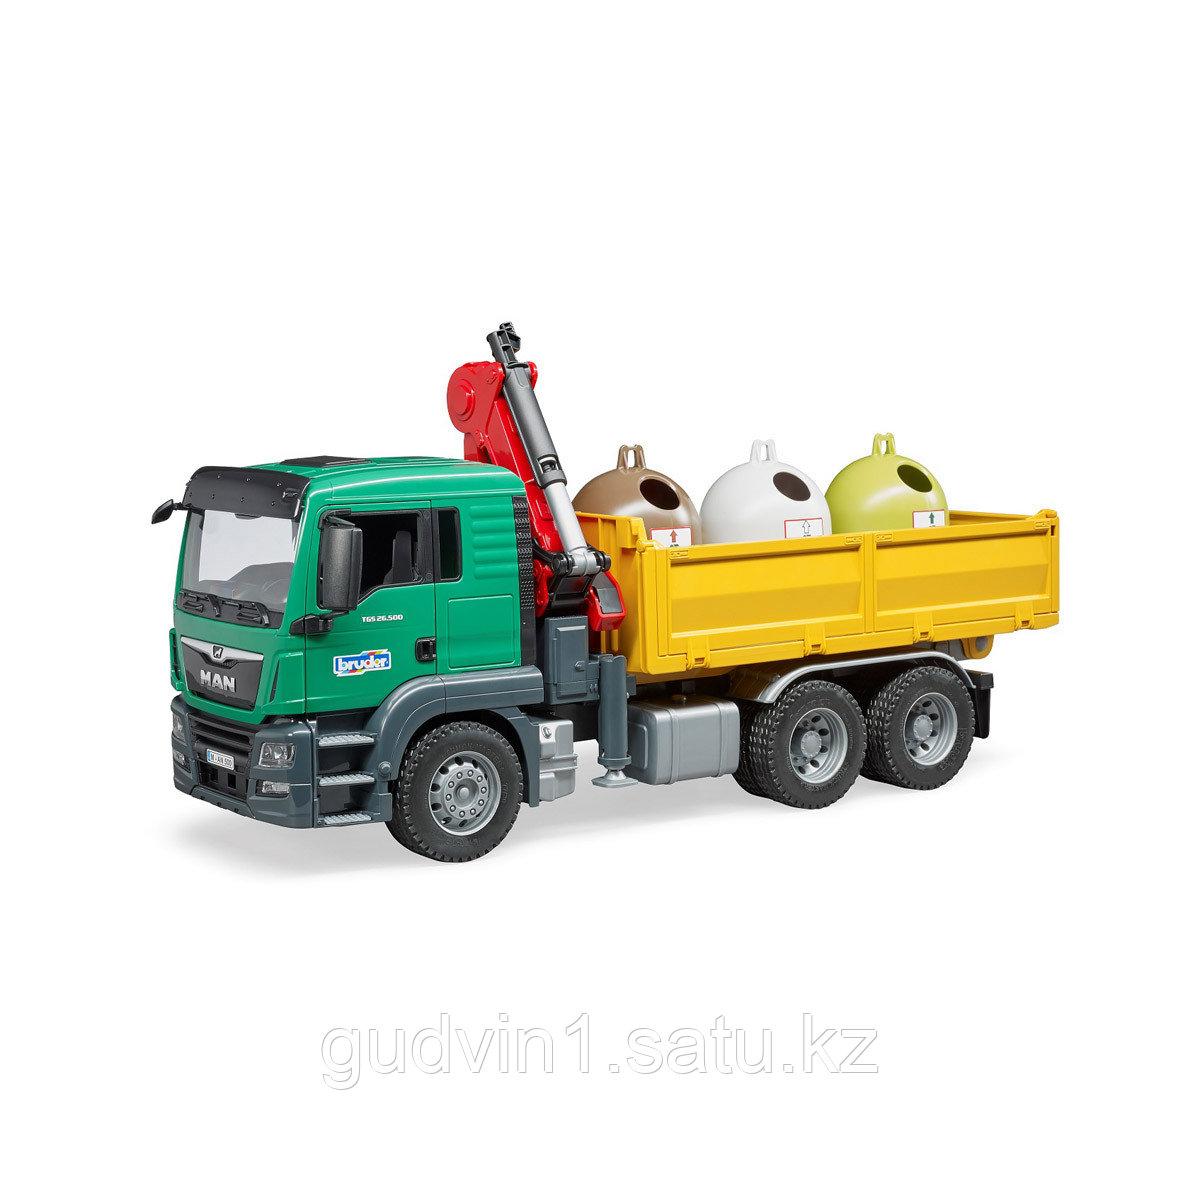 Самосвал MAN Bruder c 3 мусорными контейнерами 03-753